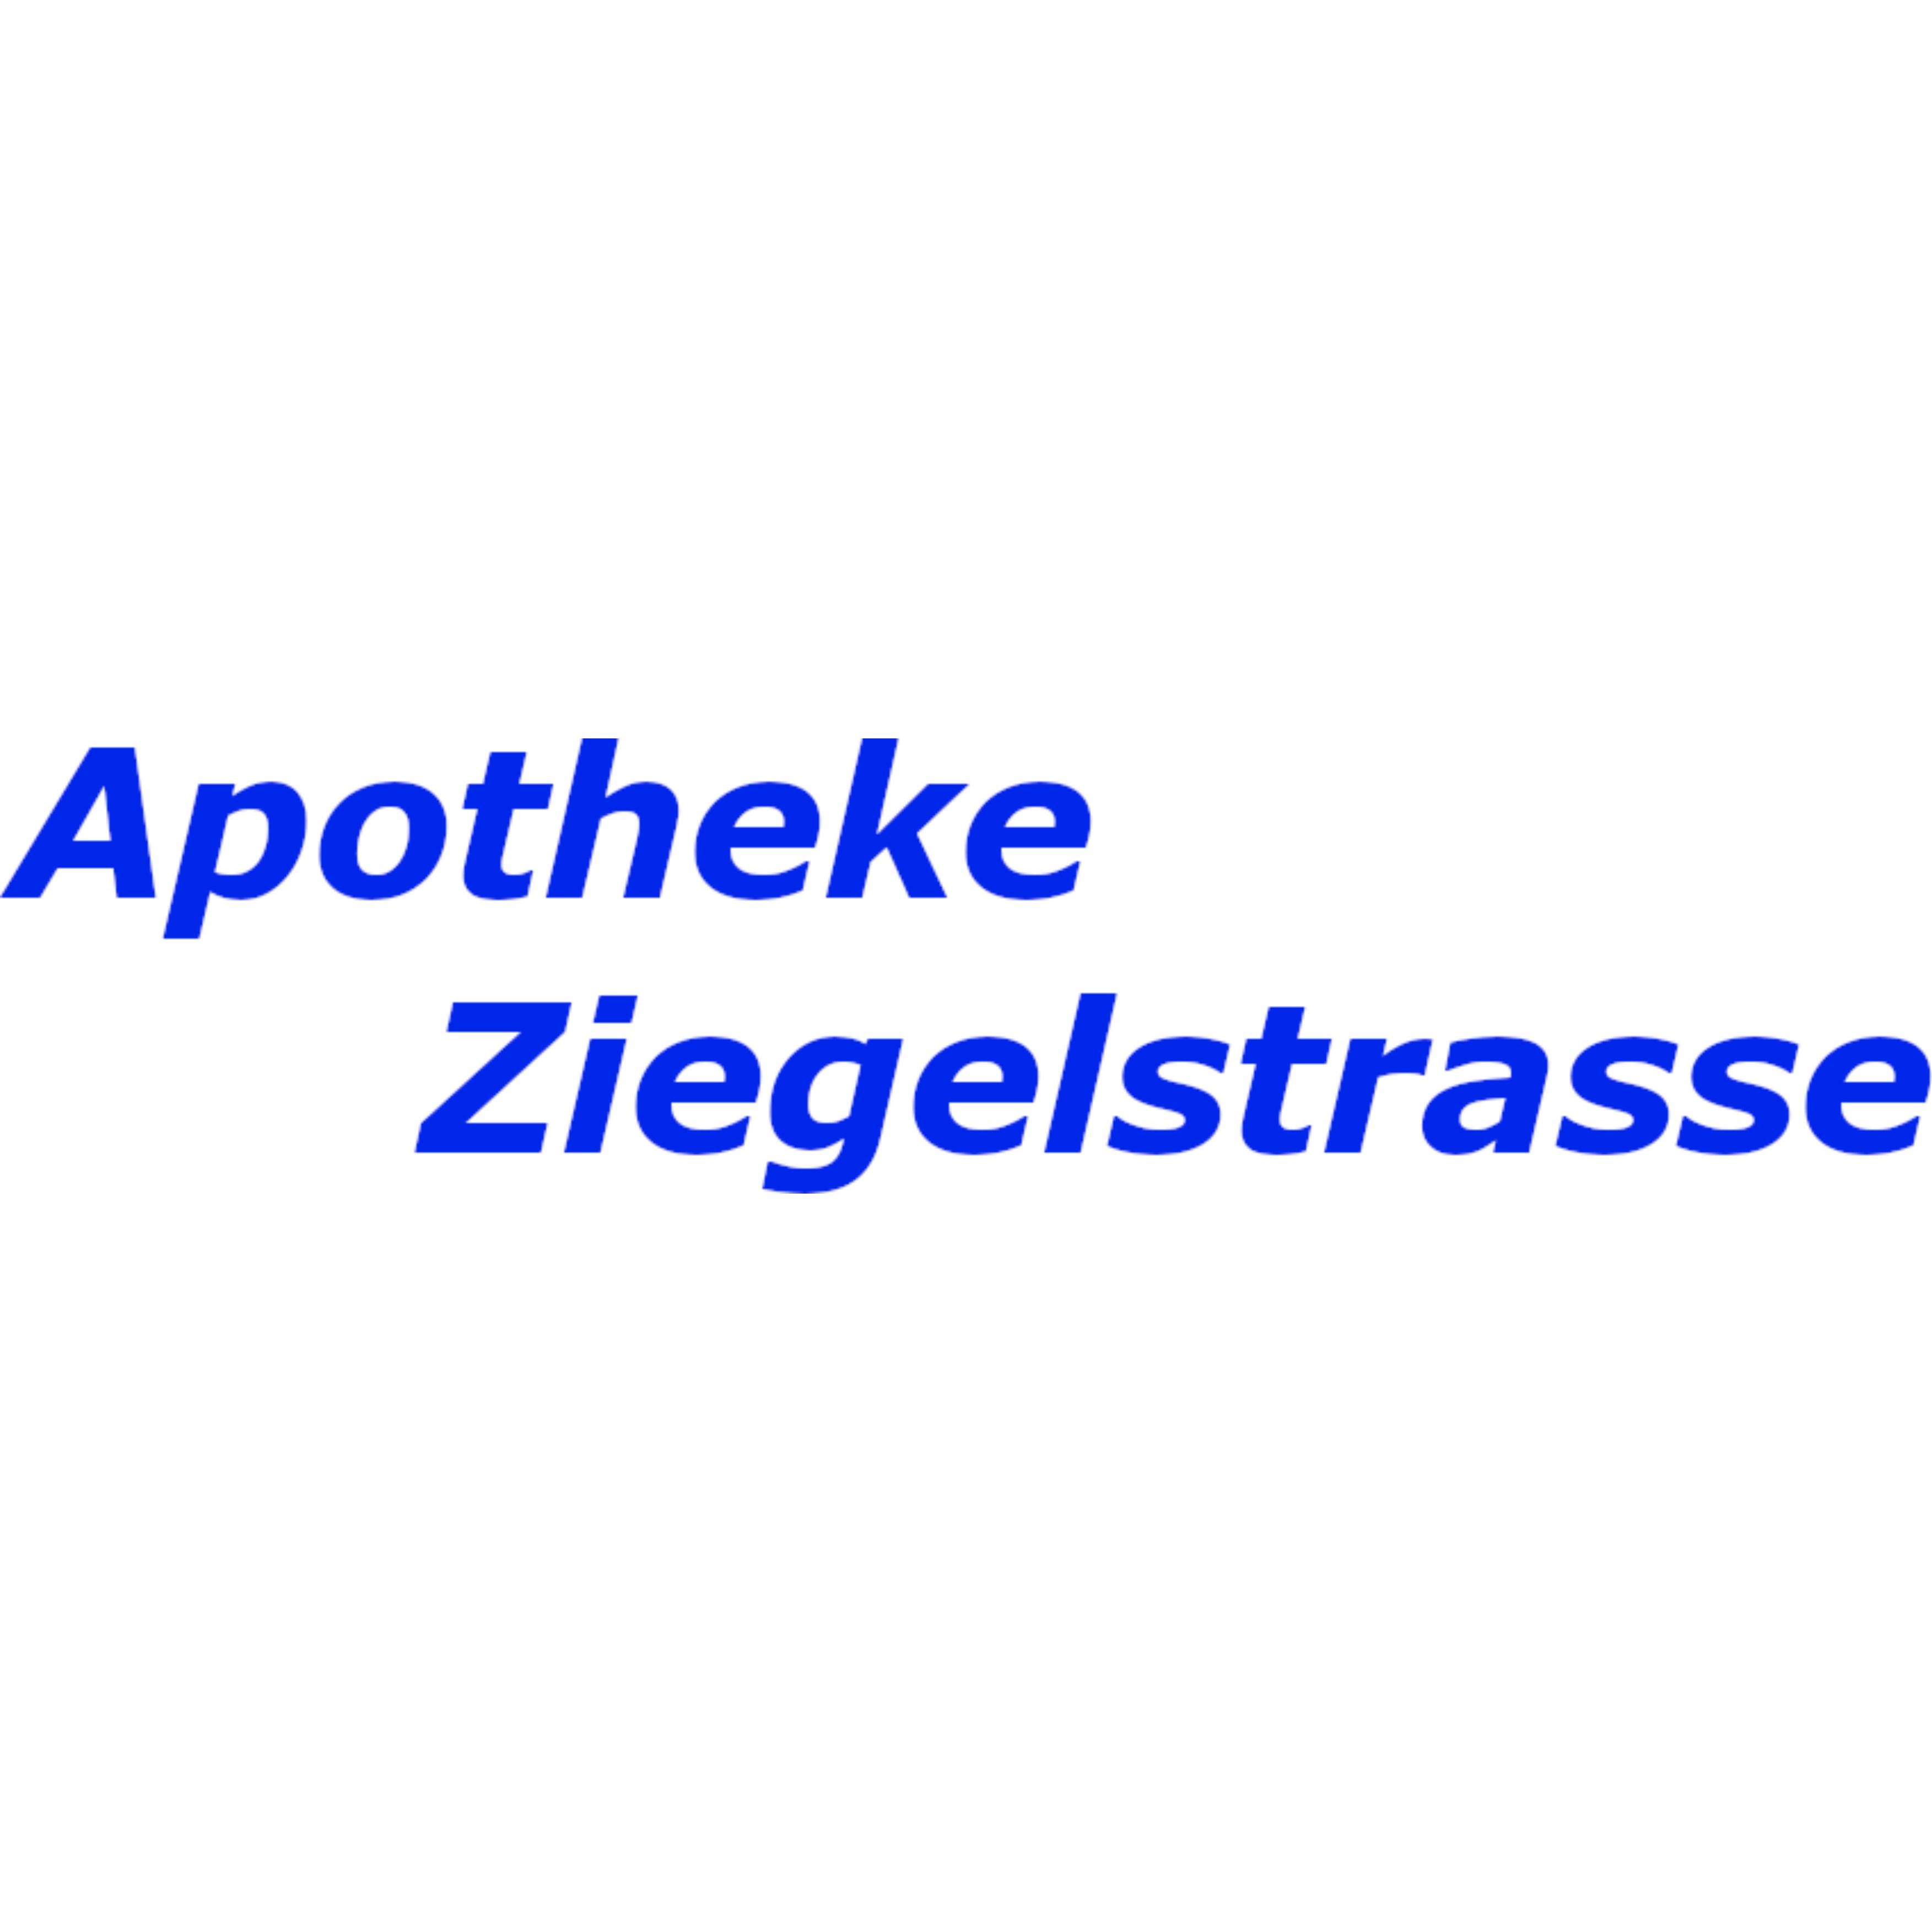 Bild zu Apotheke Ziegelstrasse in Lübeck